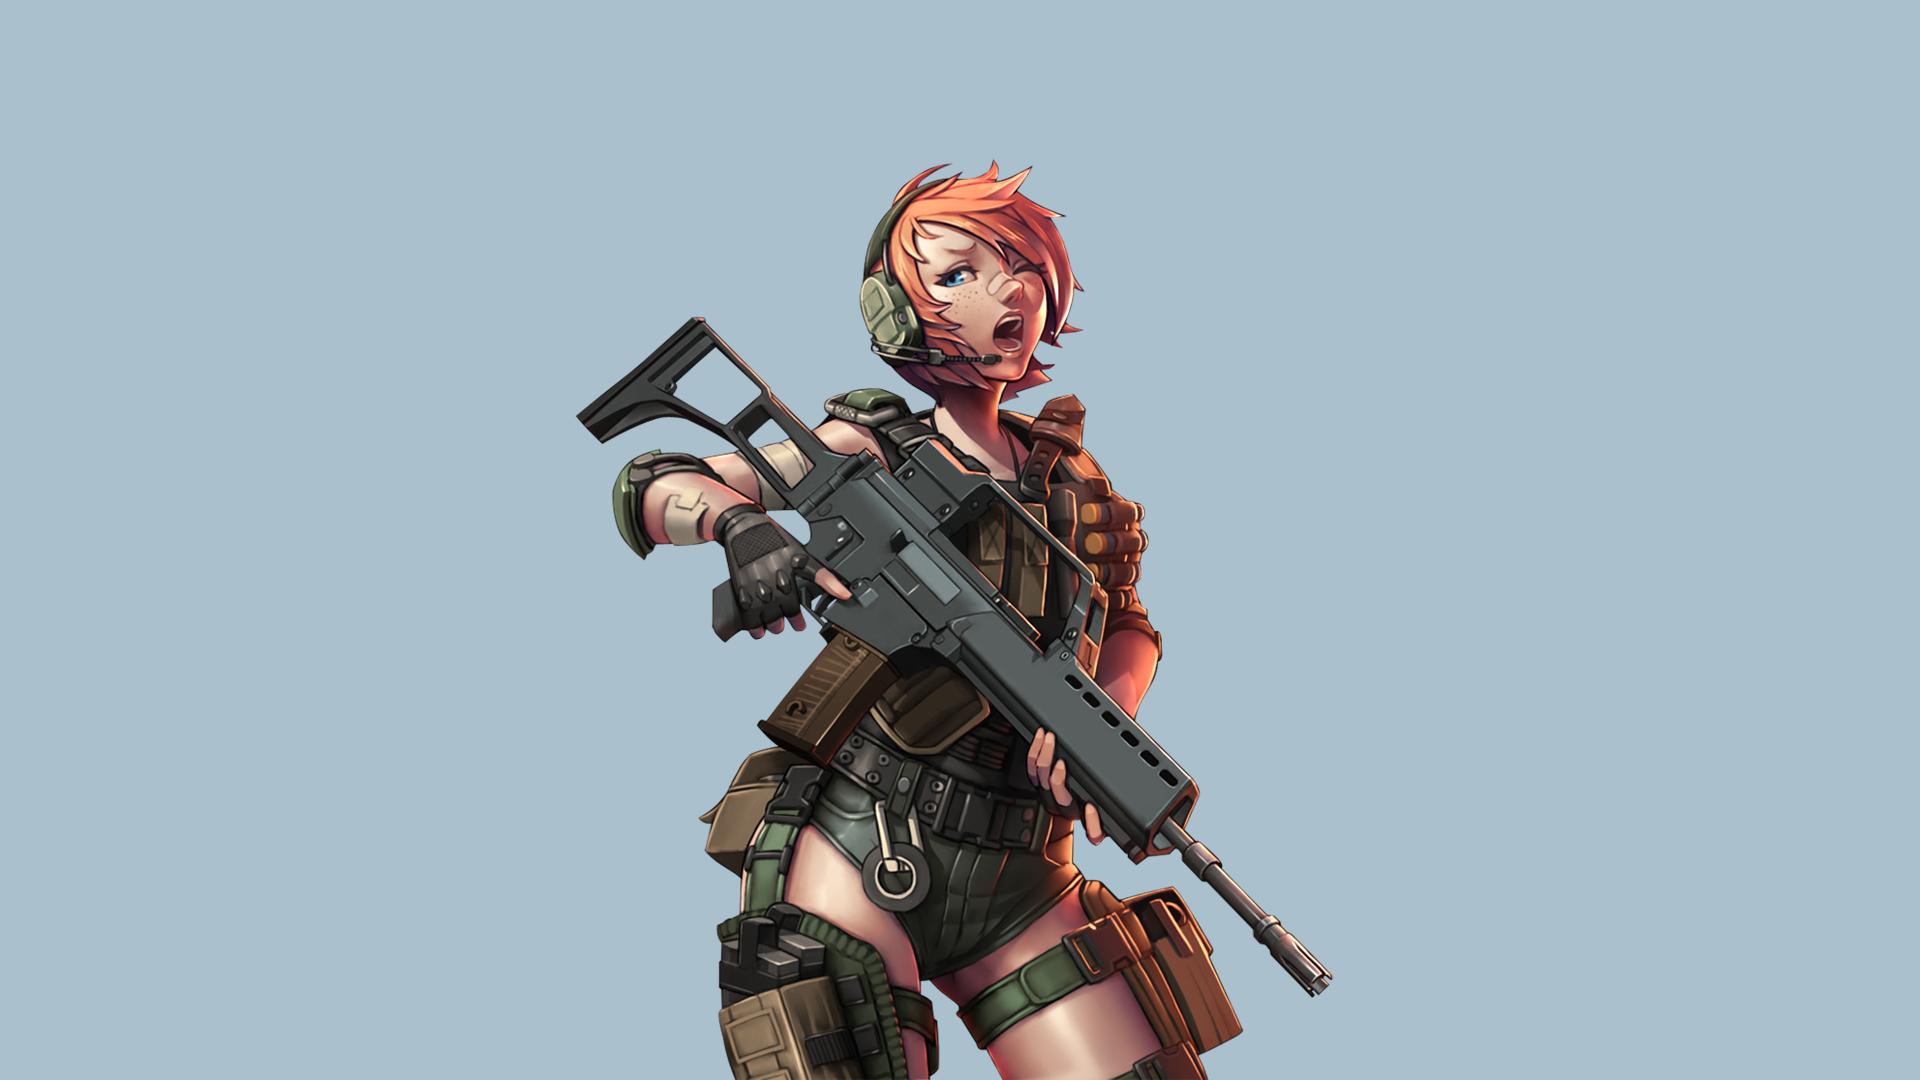 Anime 1920x1080 anime girls orange hair gun weapon short